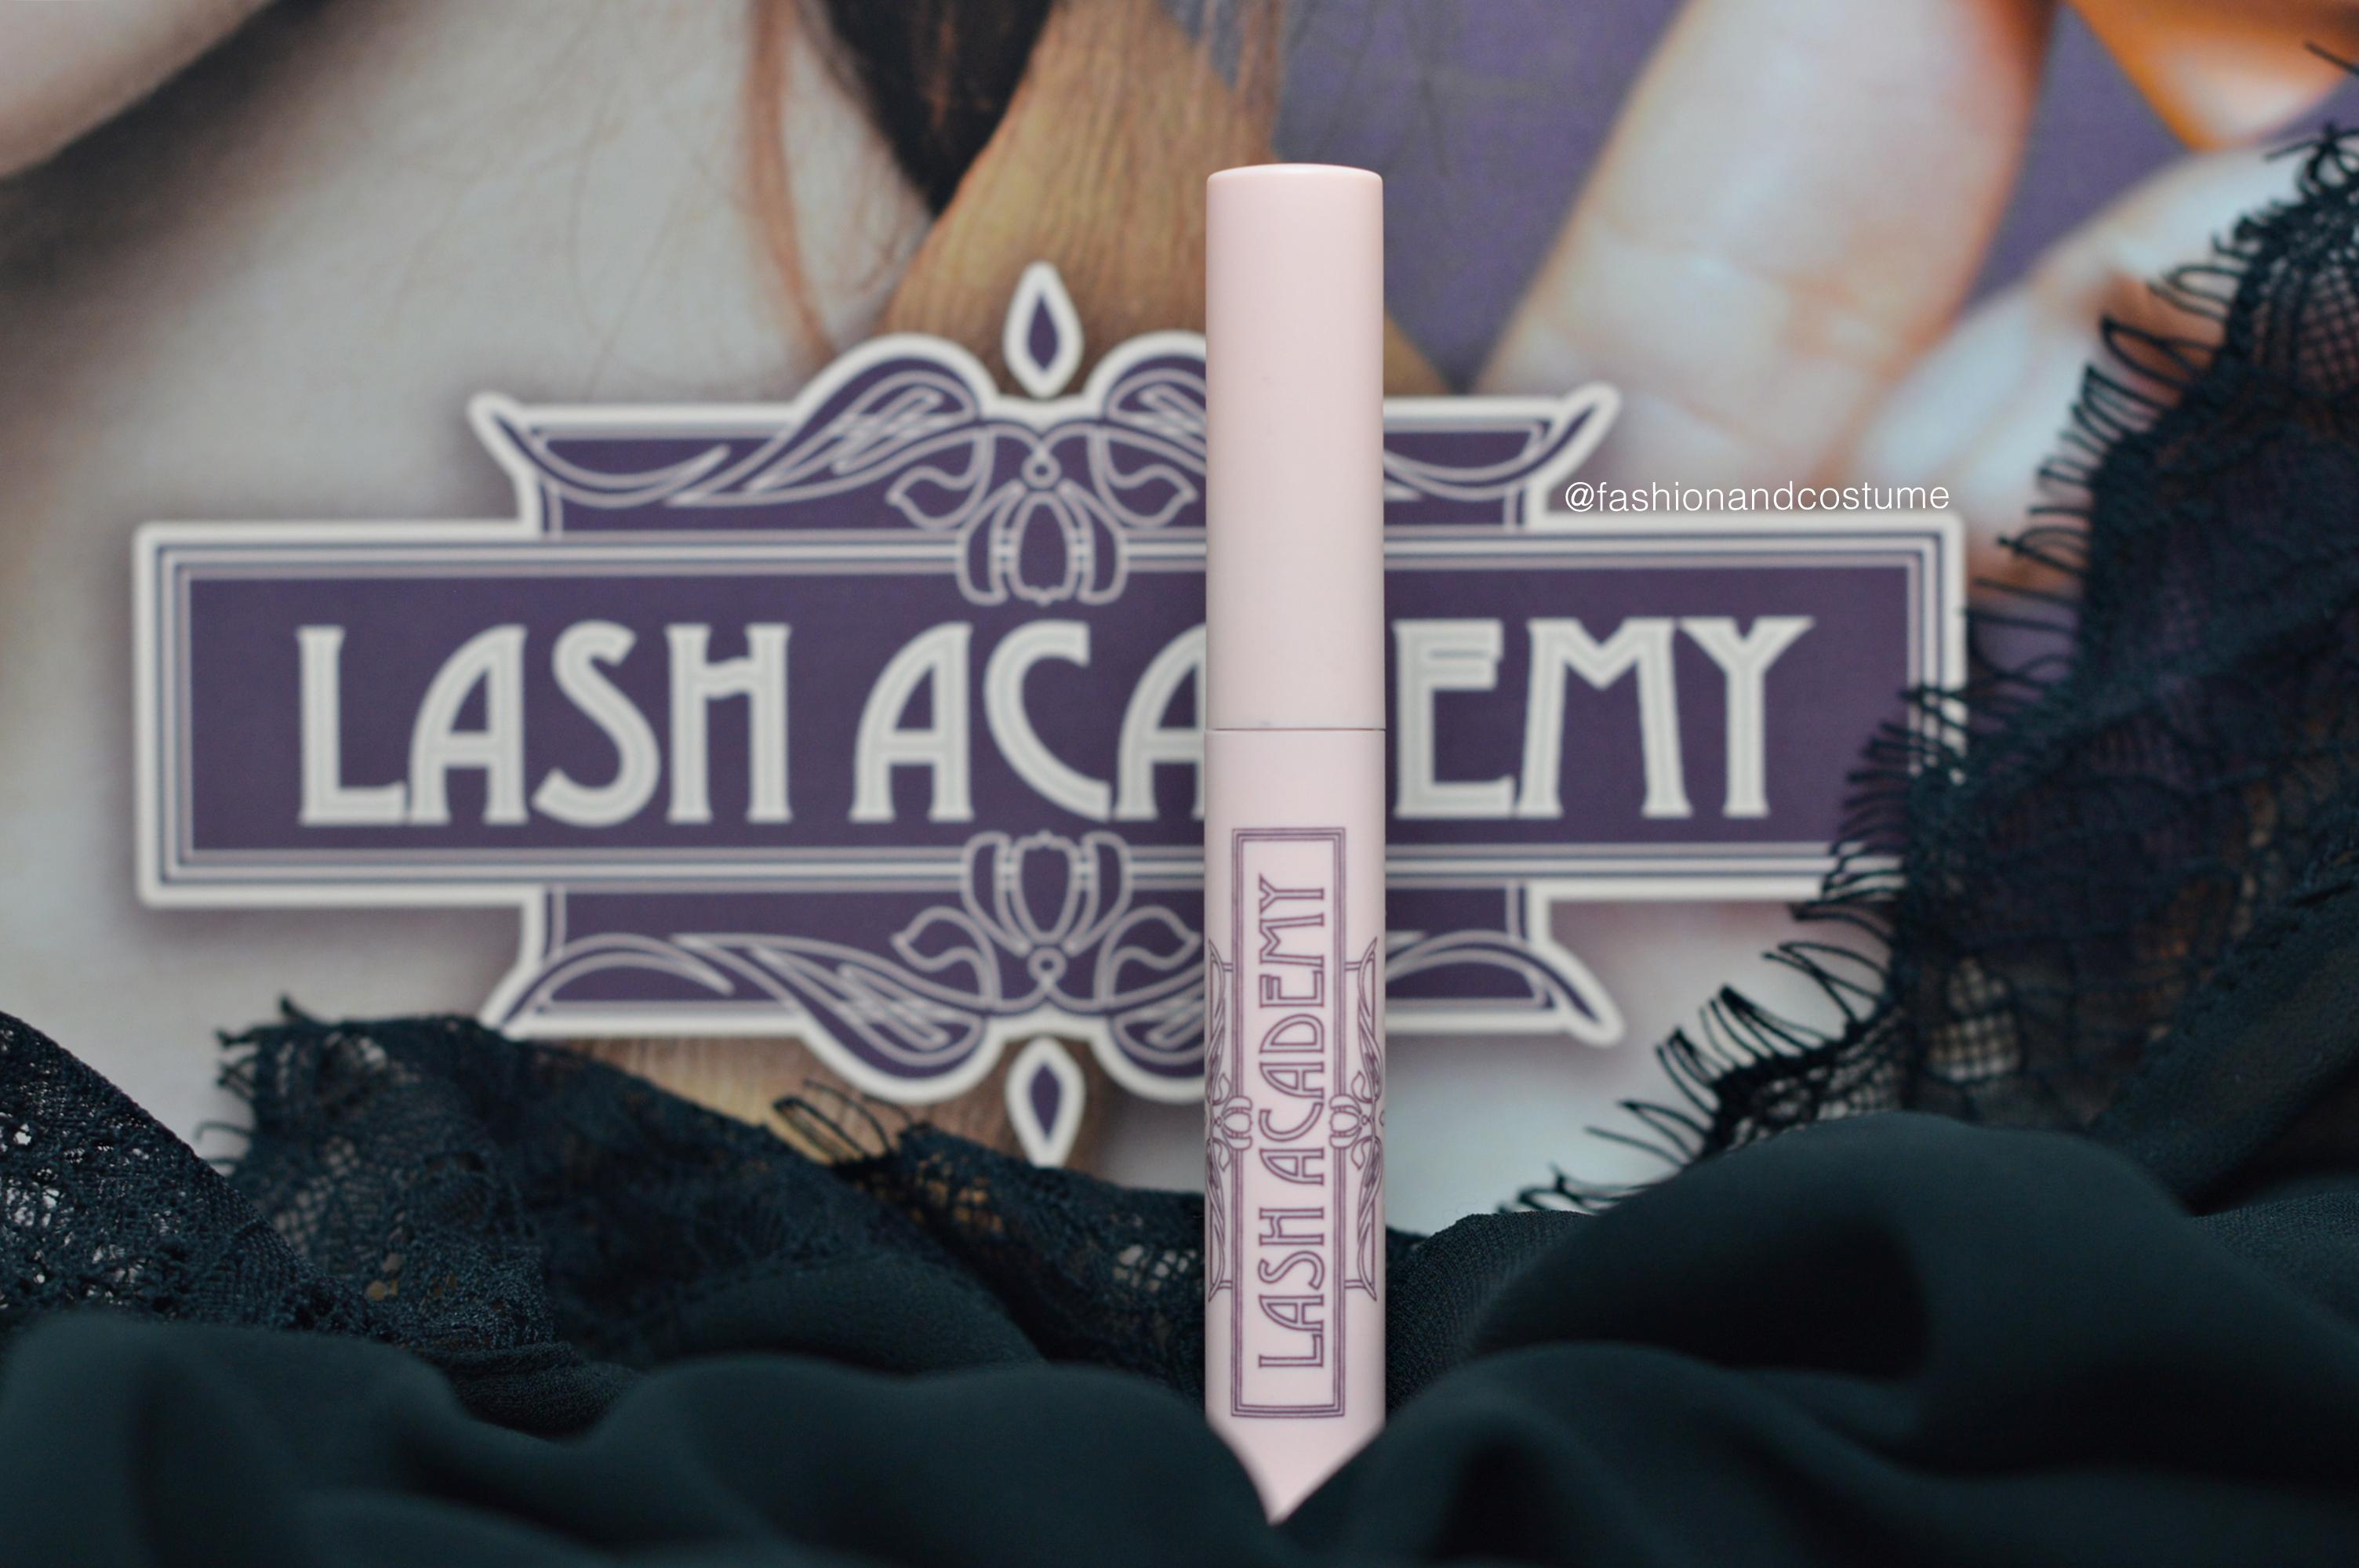 neve-cosmetics-lash-academy-mascara-scovolino-recensione-opinione-occhioni-review-fashion-and-costume